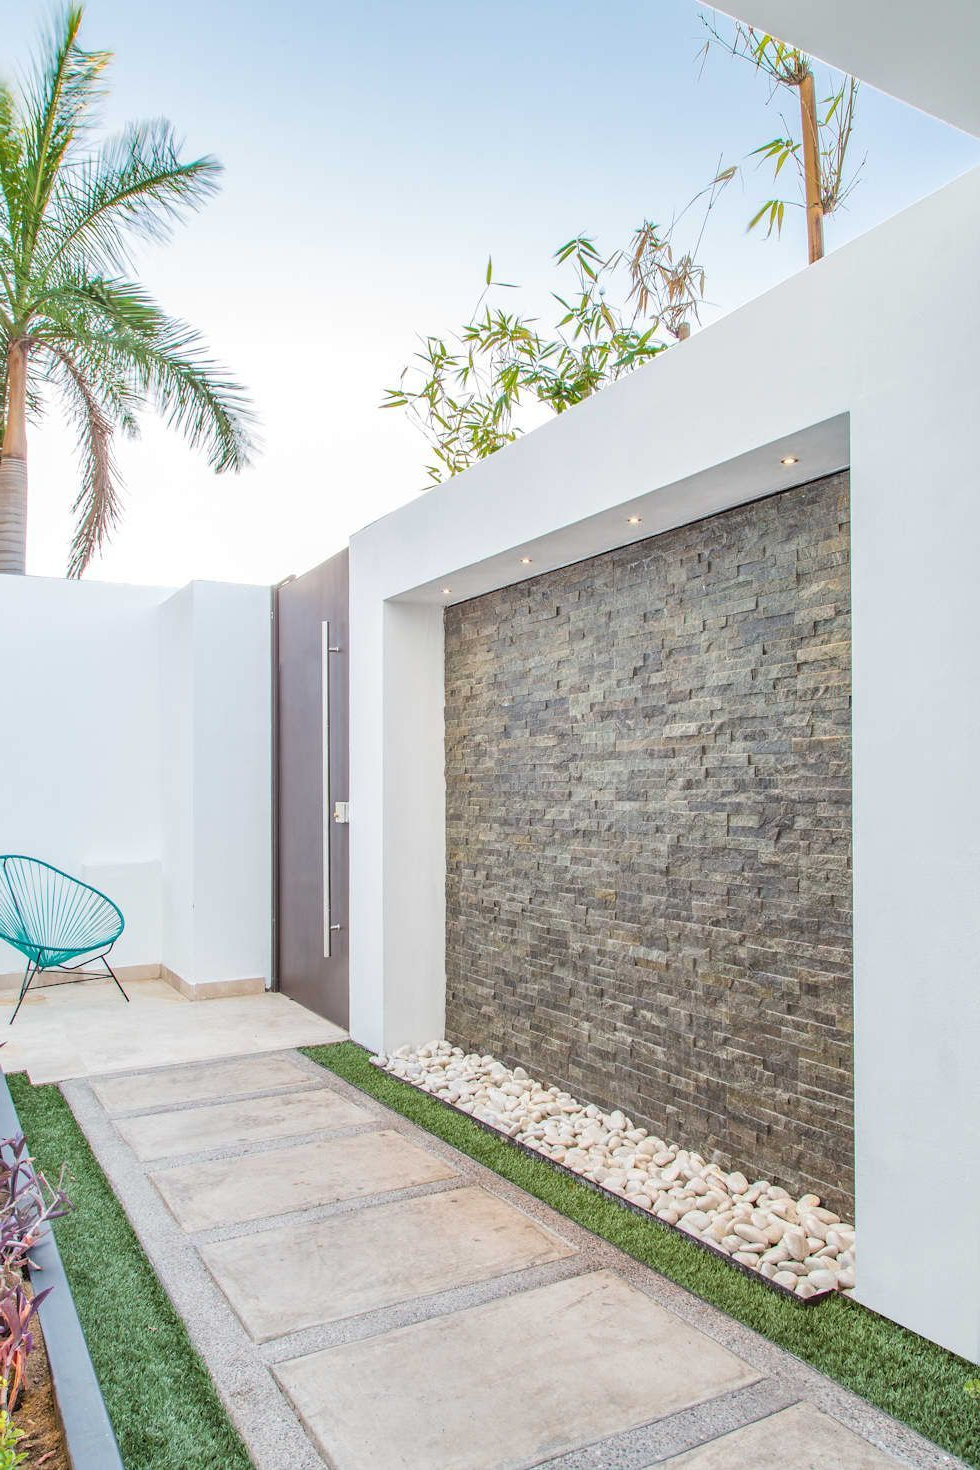 Décoration mur extérieur maison - 5 bonnes idées - Déco, Jardin, Maison - ZENIDEES